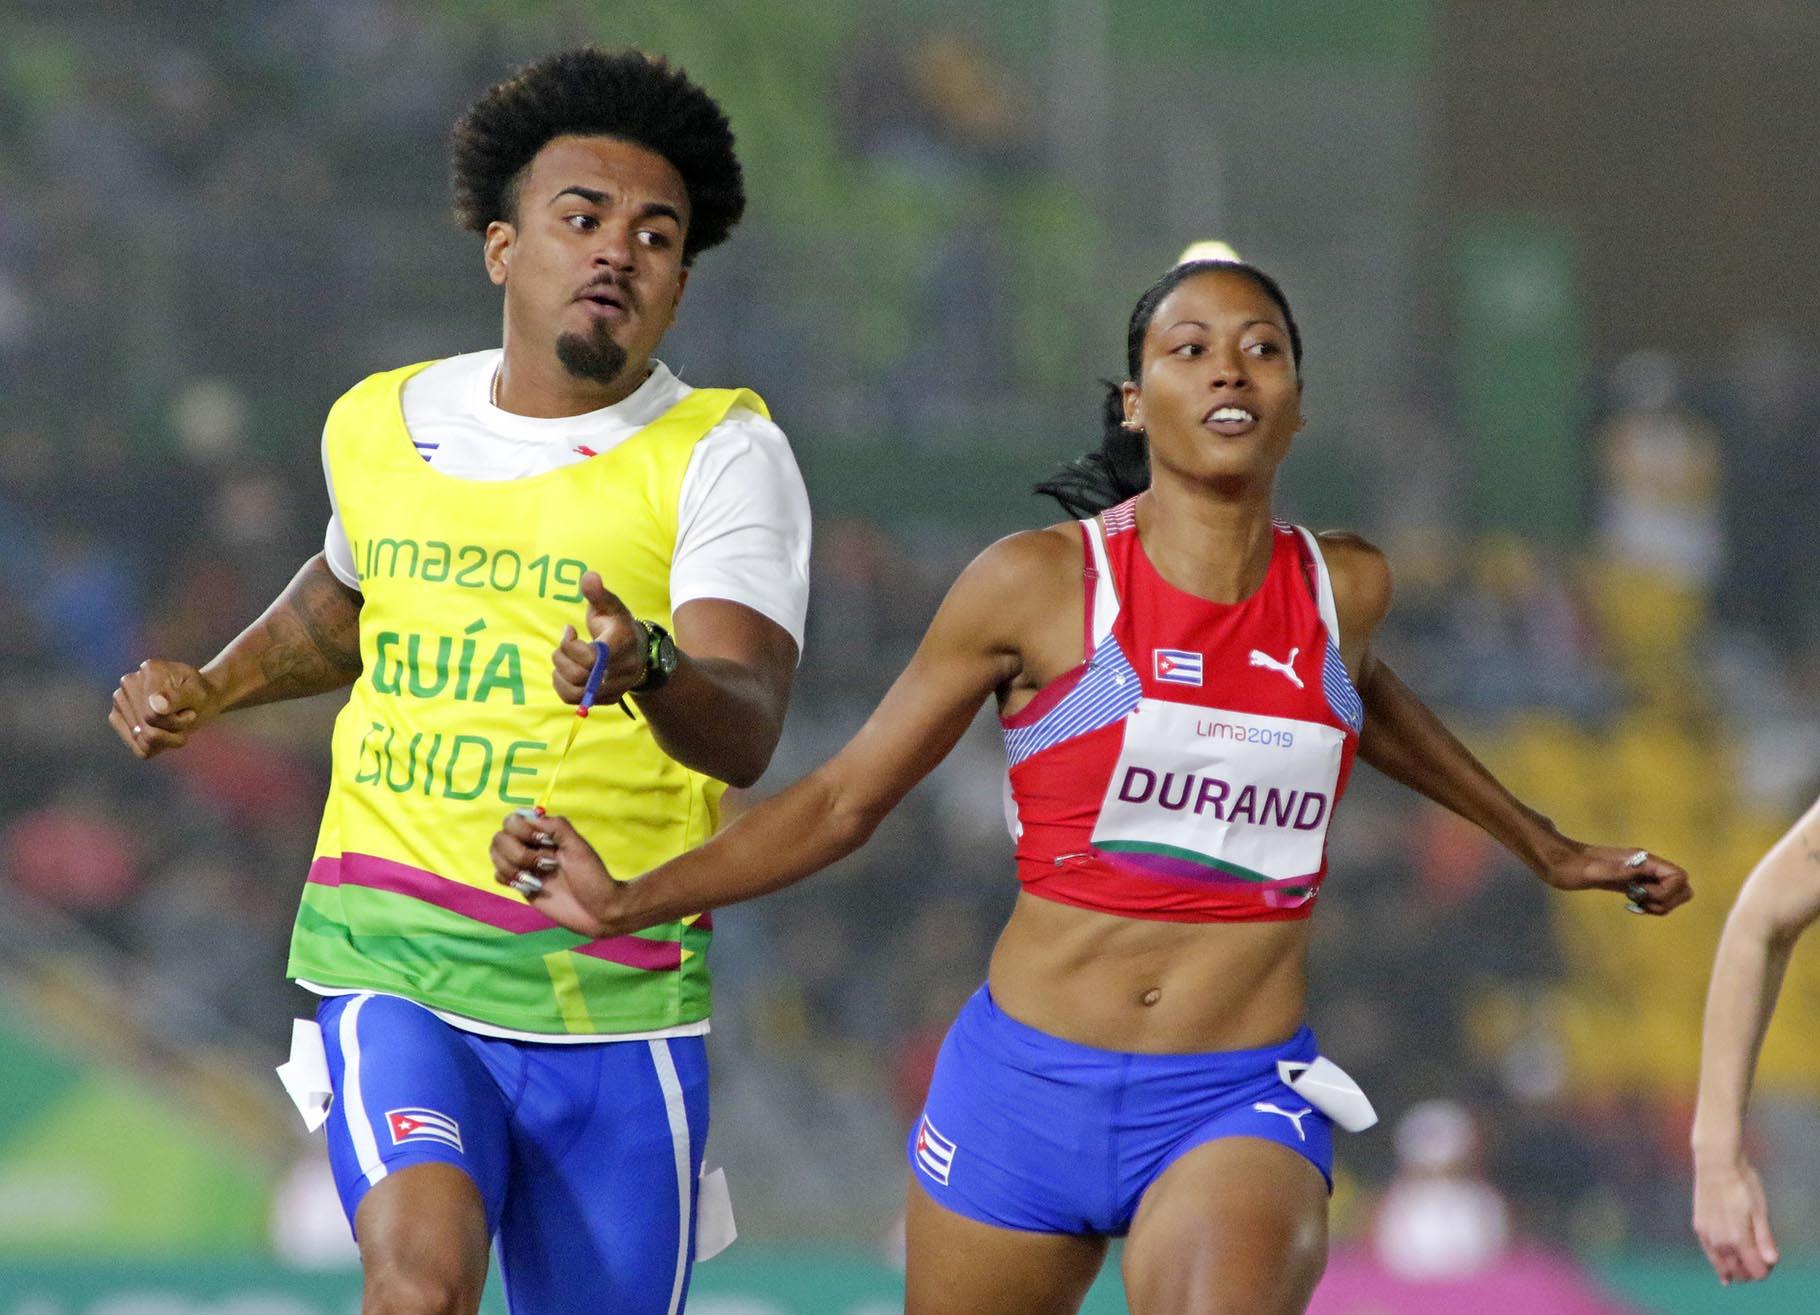 Omara Durand brilló en los Parapanamericanos de Lima 2019 con tres títulos en 100, 200 y 400 metros. Foto: lima2019.pe